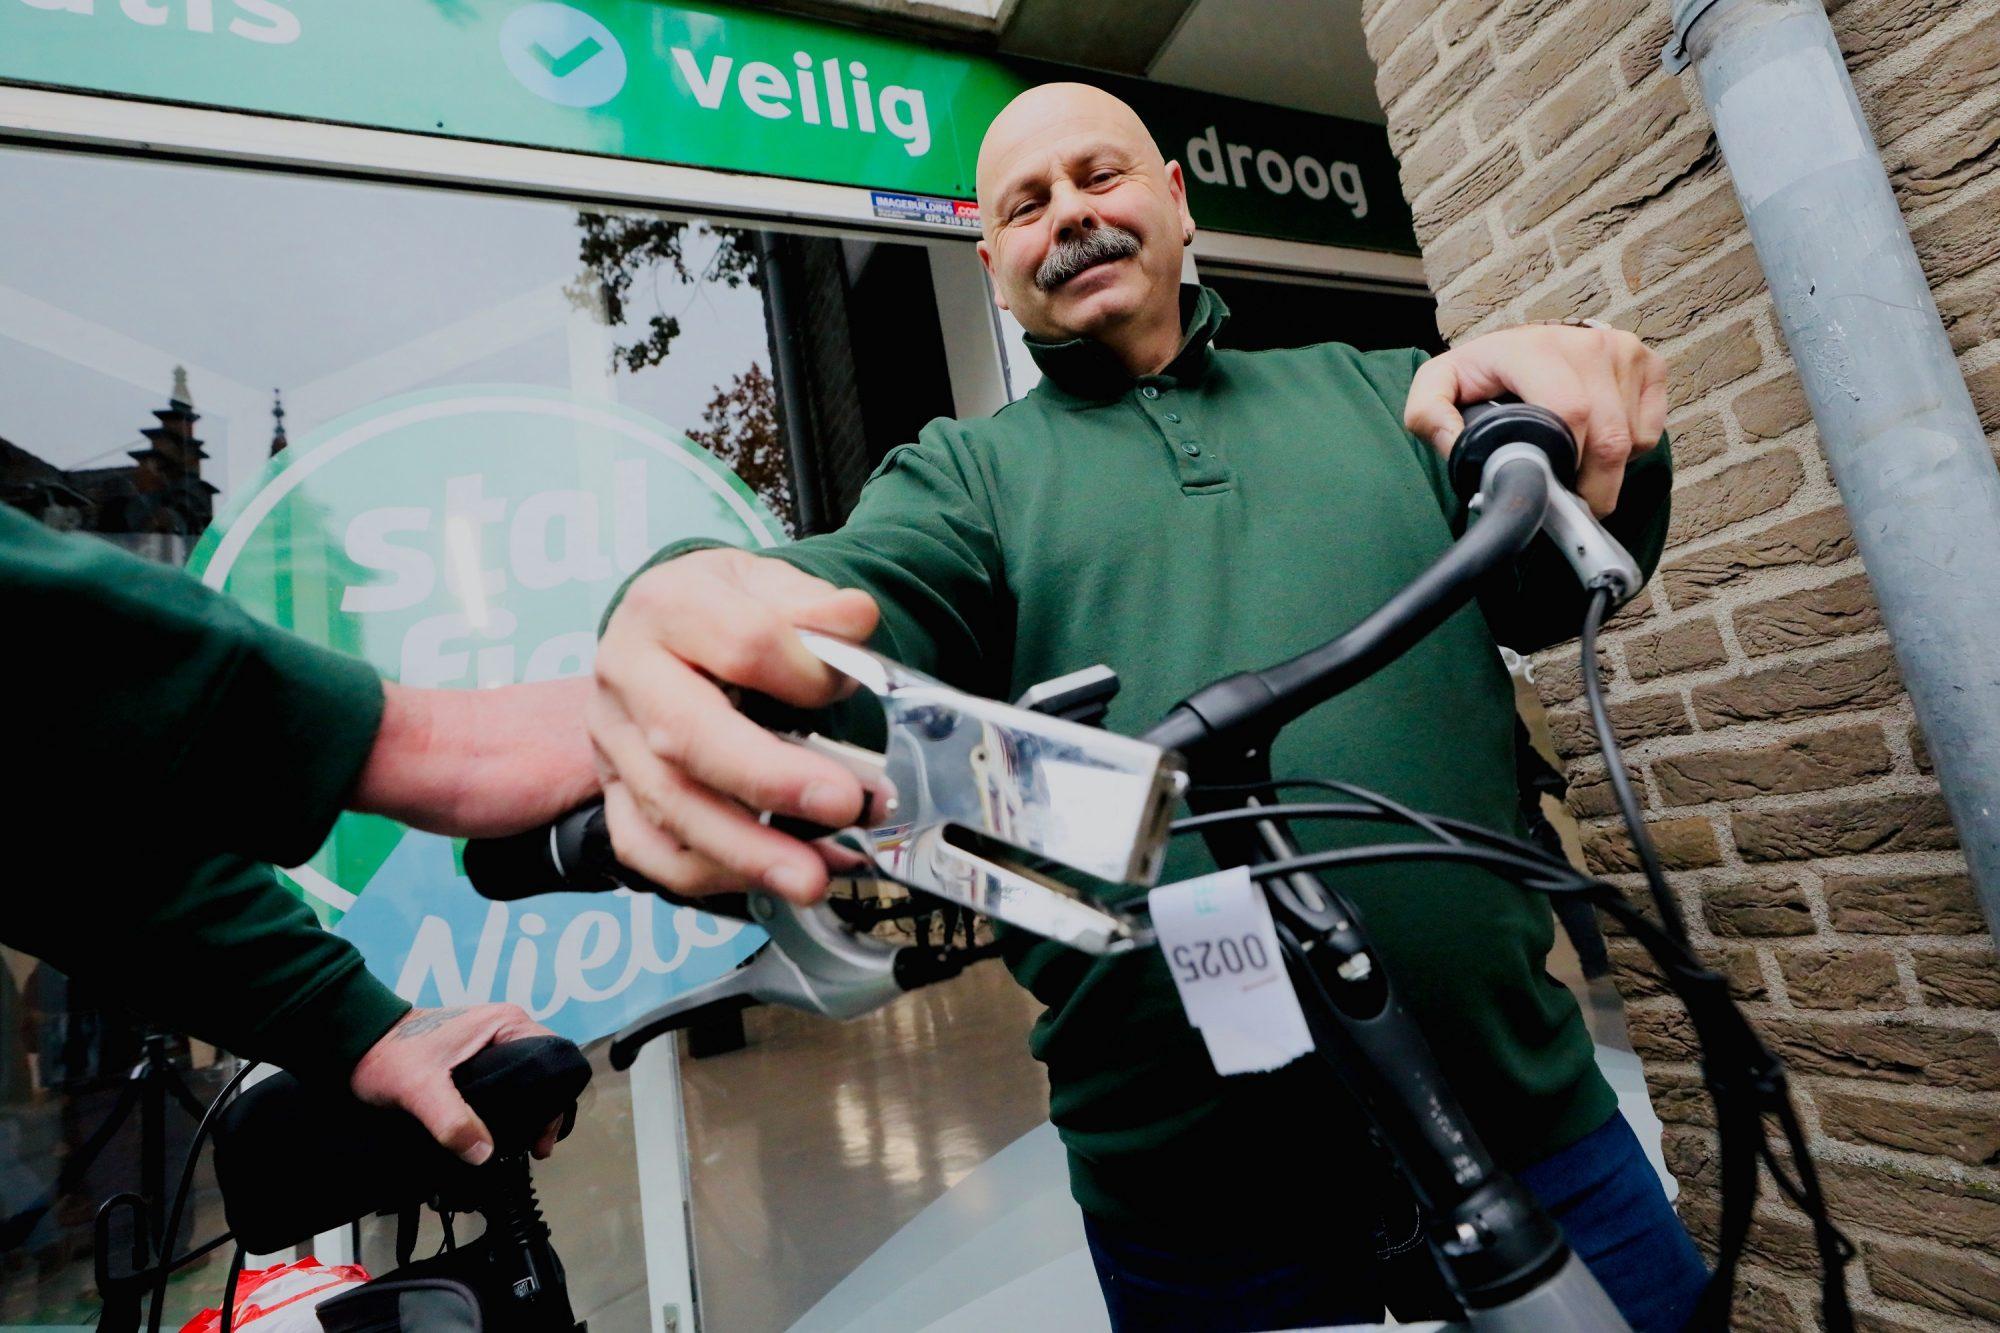 Verbod op 'wildparkeren' fiets